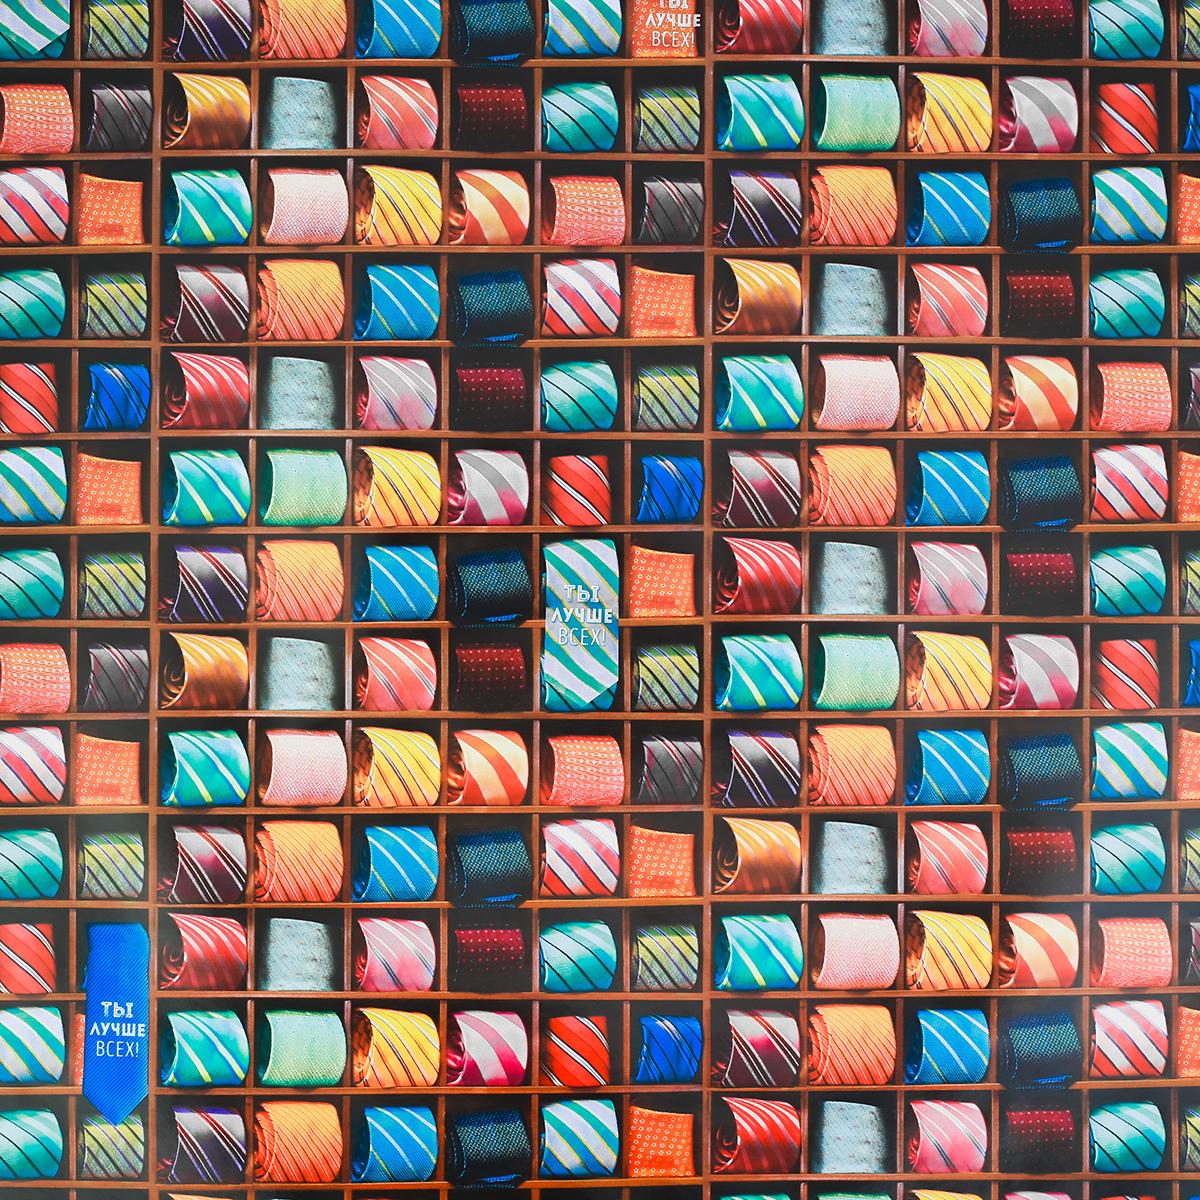 Бумага упаковочная Дарите счастье Яркие галстуки, глянцевая, 70 х 100 см. 27916692791669Любой подарок начинается с упаковки. Что может быть трогательнее и волшебнее, чем ритуал разворачивания полученного презента. И именно оригинальная, со вкусом выбранная упаковка выделит ваш подарок из массы других. Она продемонстрирует самые тёплые чувства к виновнику торжества и создаст сказочную атмосферу праздника. — это то, что вы искали.